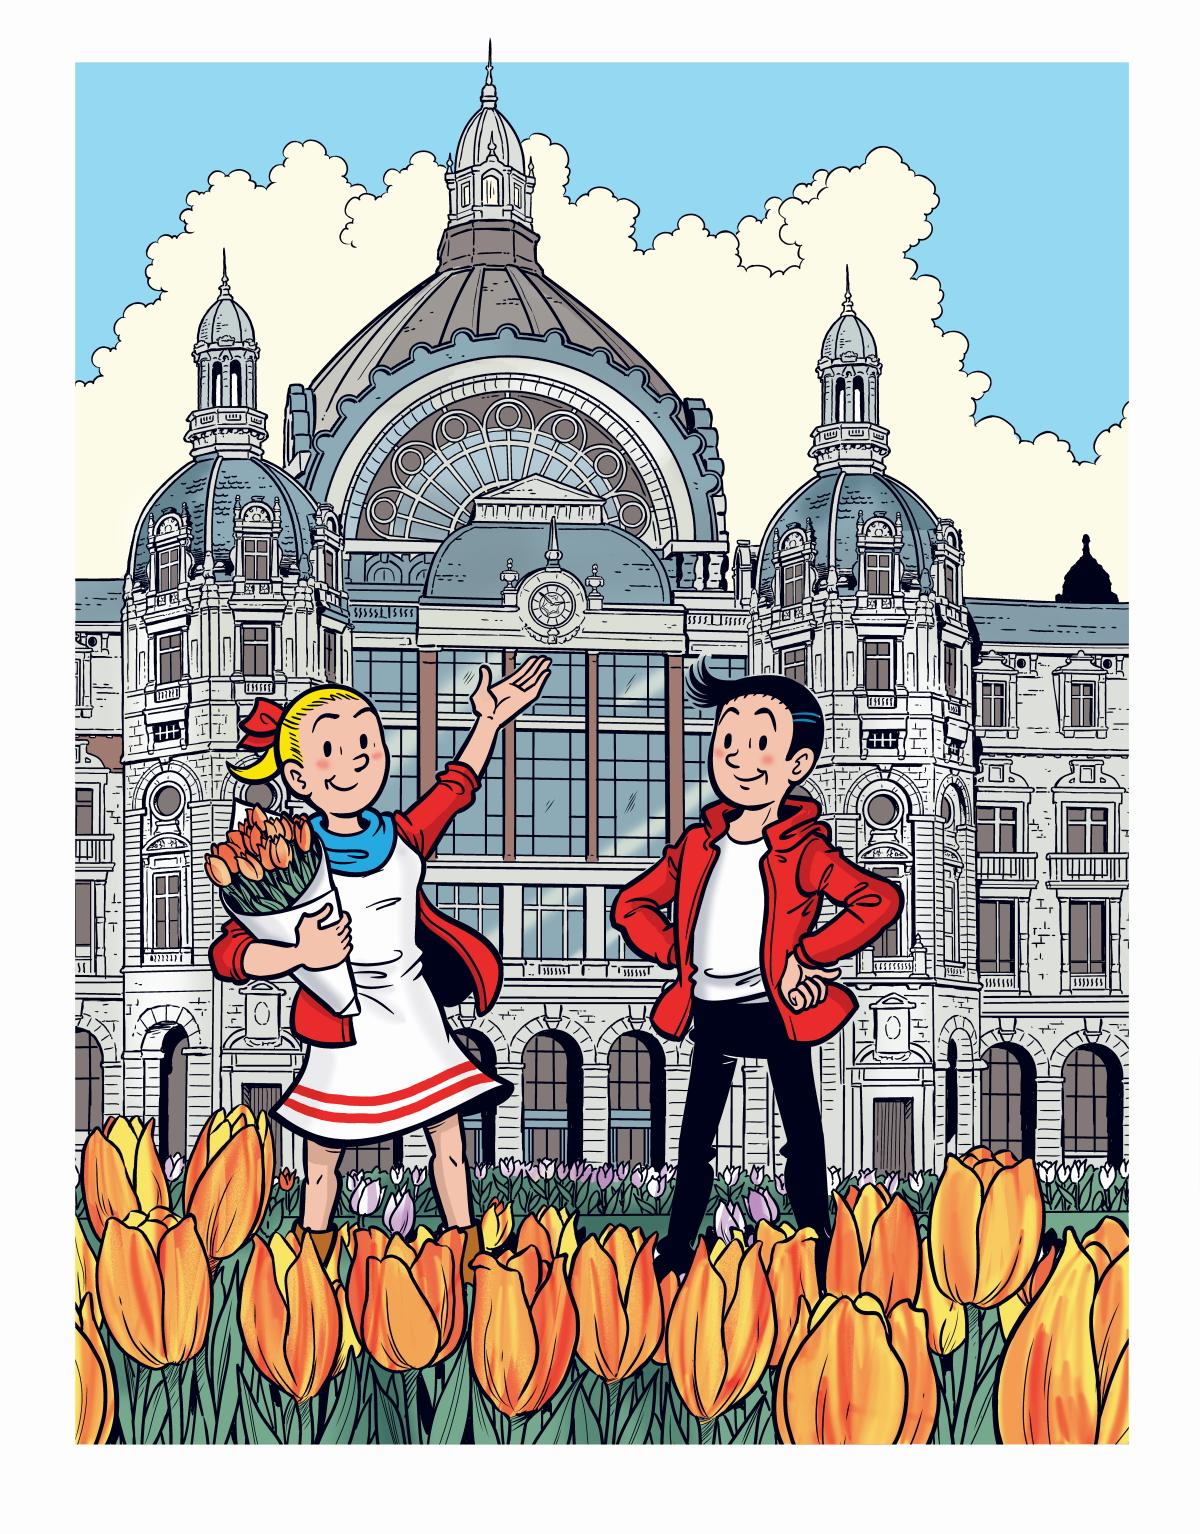 Gratis Pluktuin met Vlaamse tulpen Lente Antwerpen Centraal Station Koning Astridplein Suske en Wiske strip kleurplaat Fence Tuinmagazine inspiratie evenement activiteit kinderen gezin